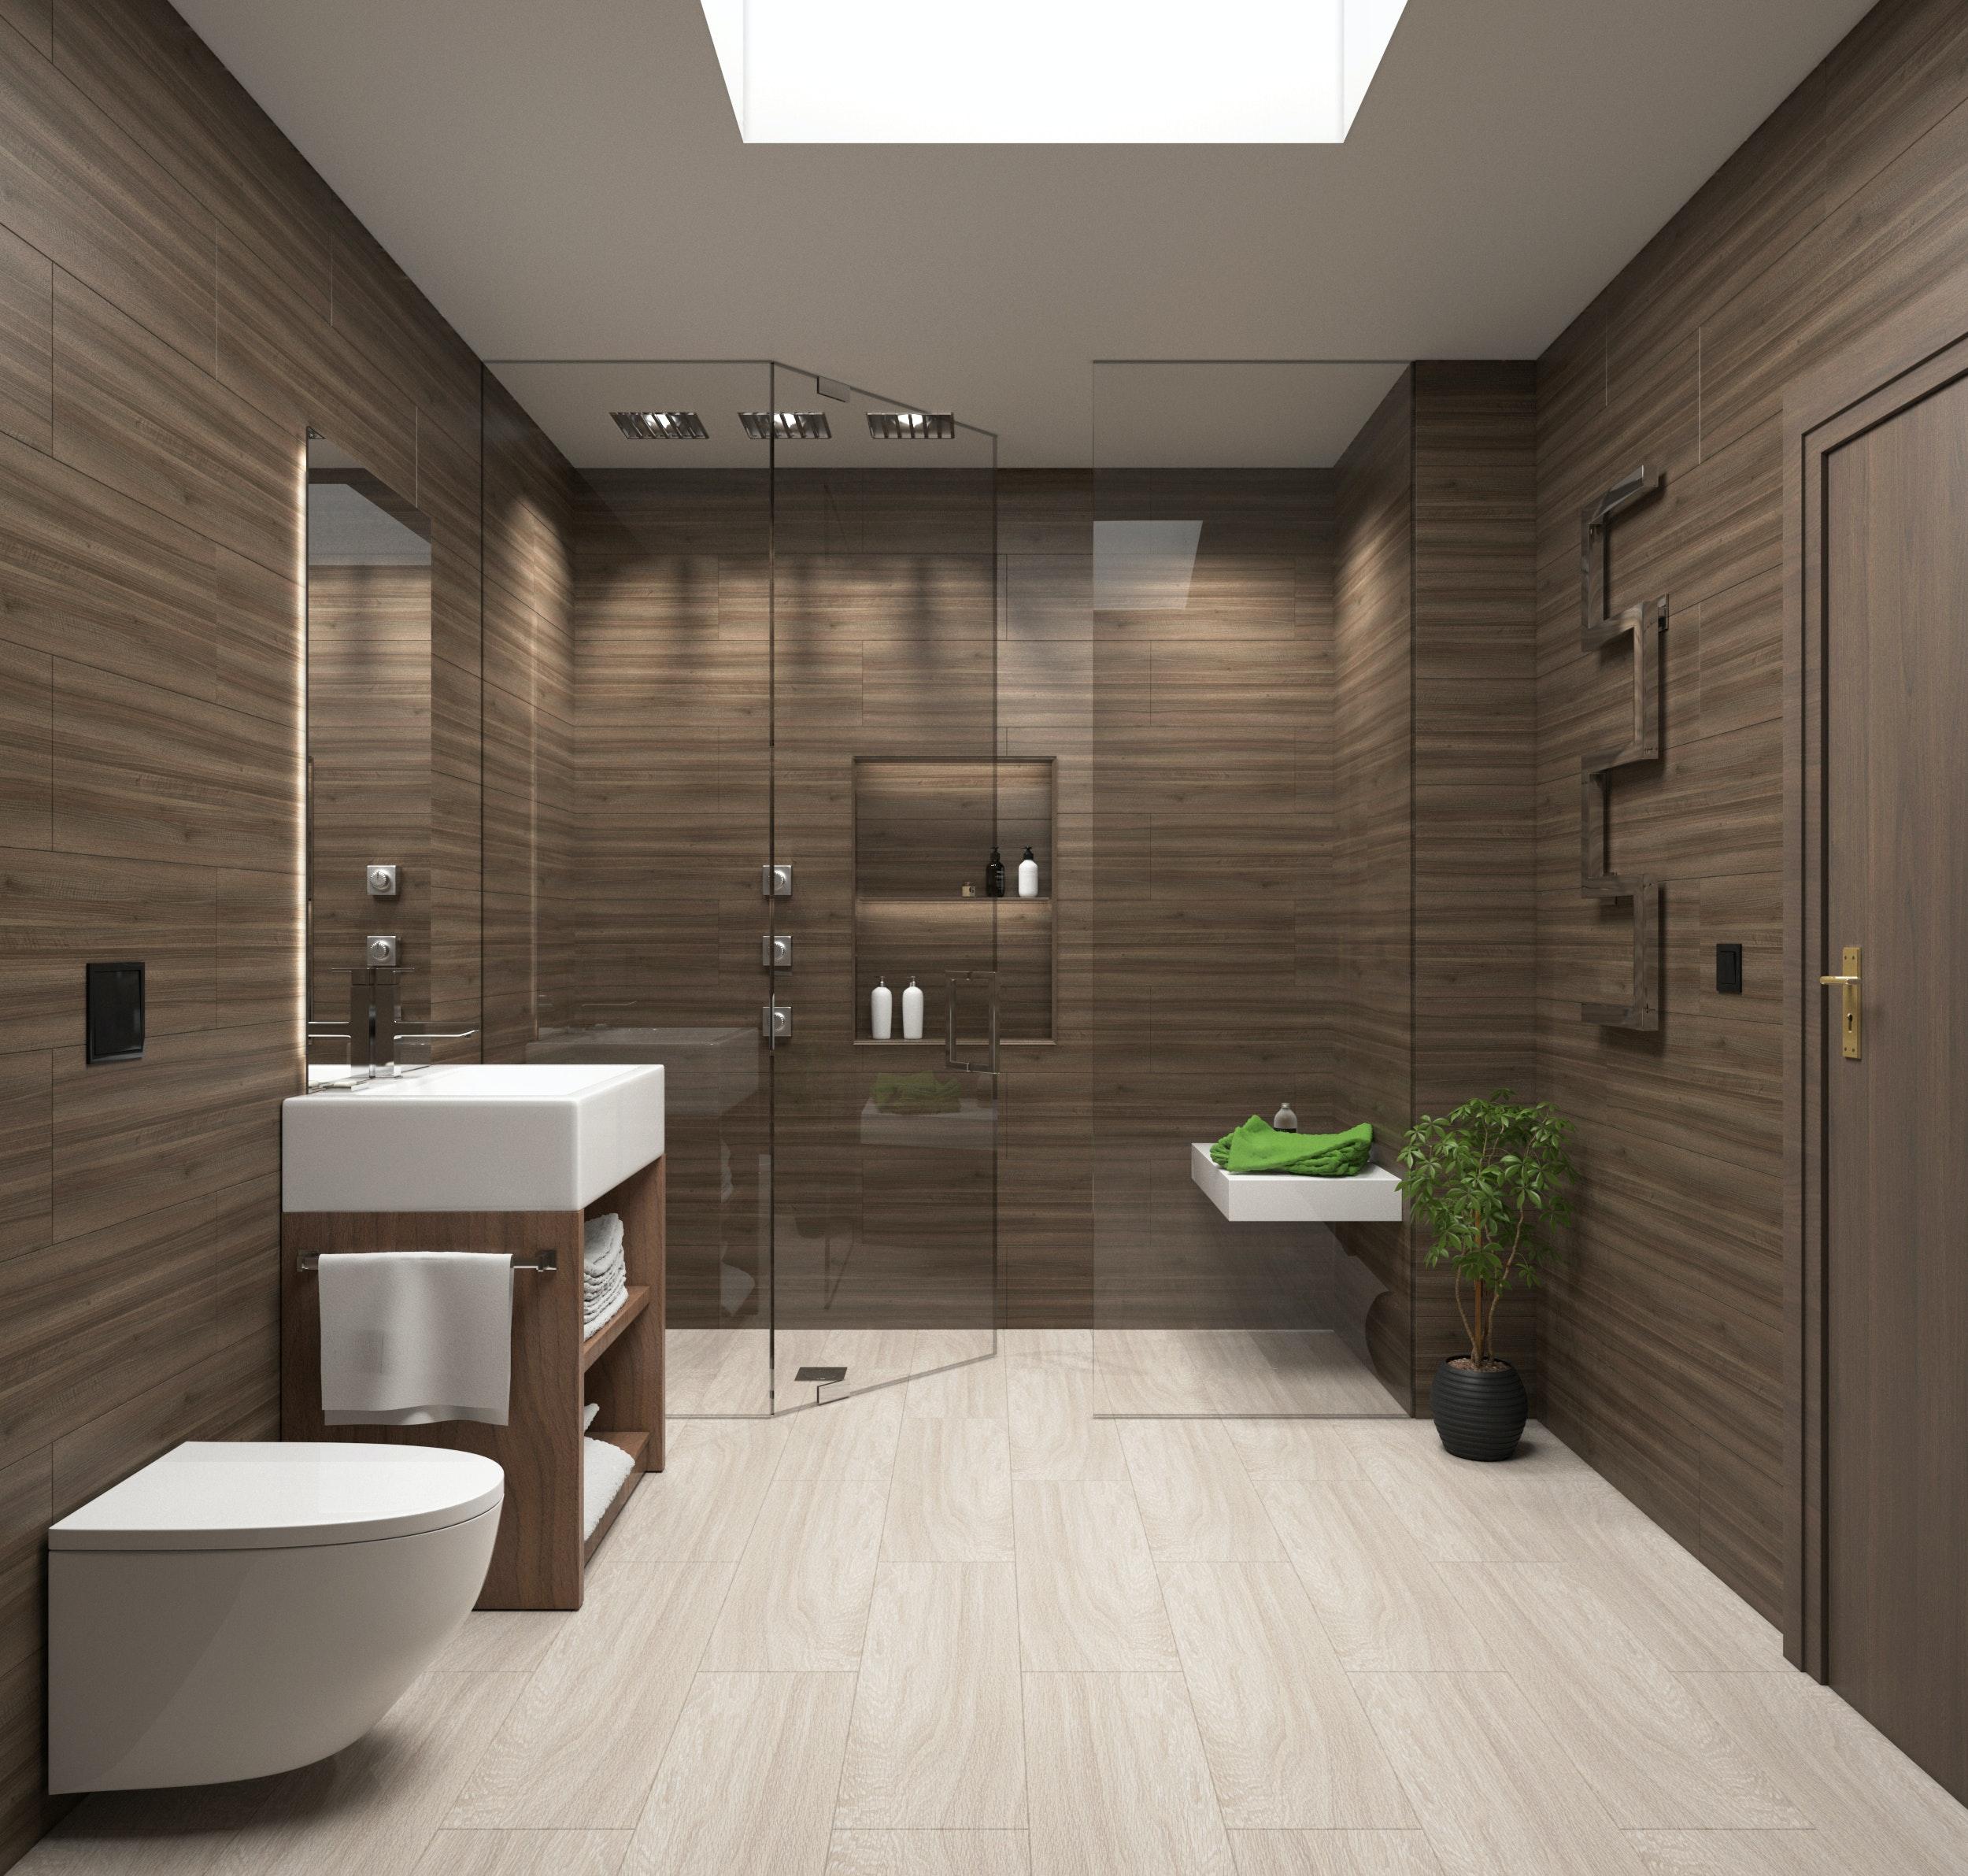 Kostenloses Foto zum Thema: badezimmer, moderne architektur ...